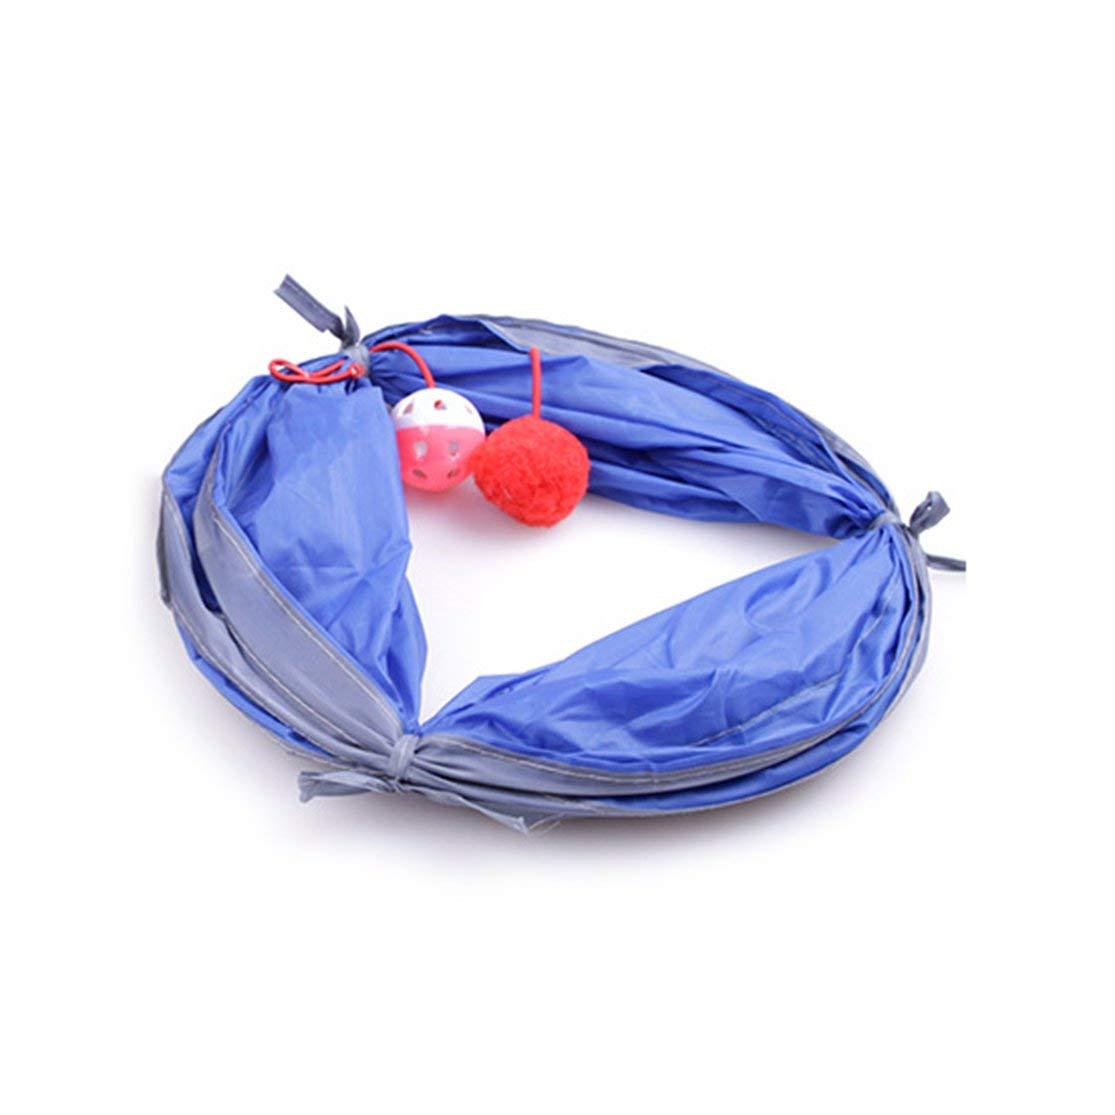 Color:Blue Kaemma Tunnel Pliable Chiens pour Chats Tunnel Jouets Int/érieur Ext/érieur Maison Polyester Tunnel De Formation Pliant Accessoires pour Animaux Fournitures pour Animaux